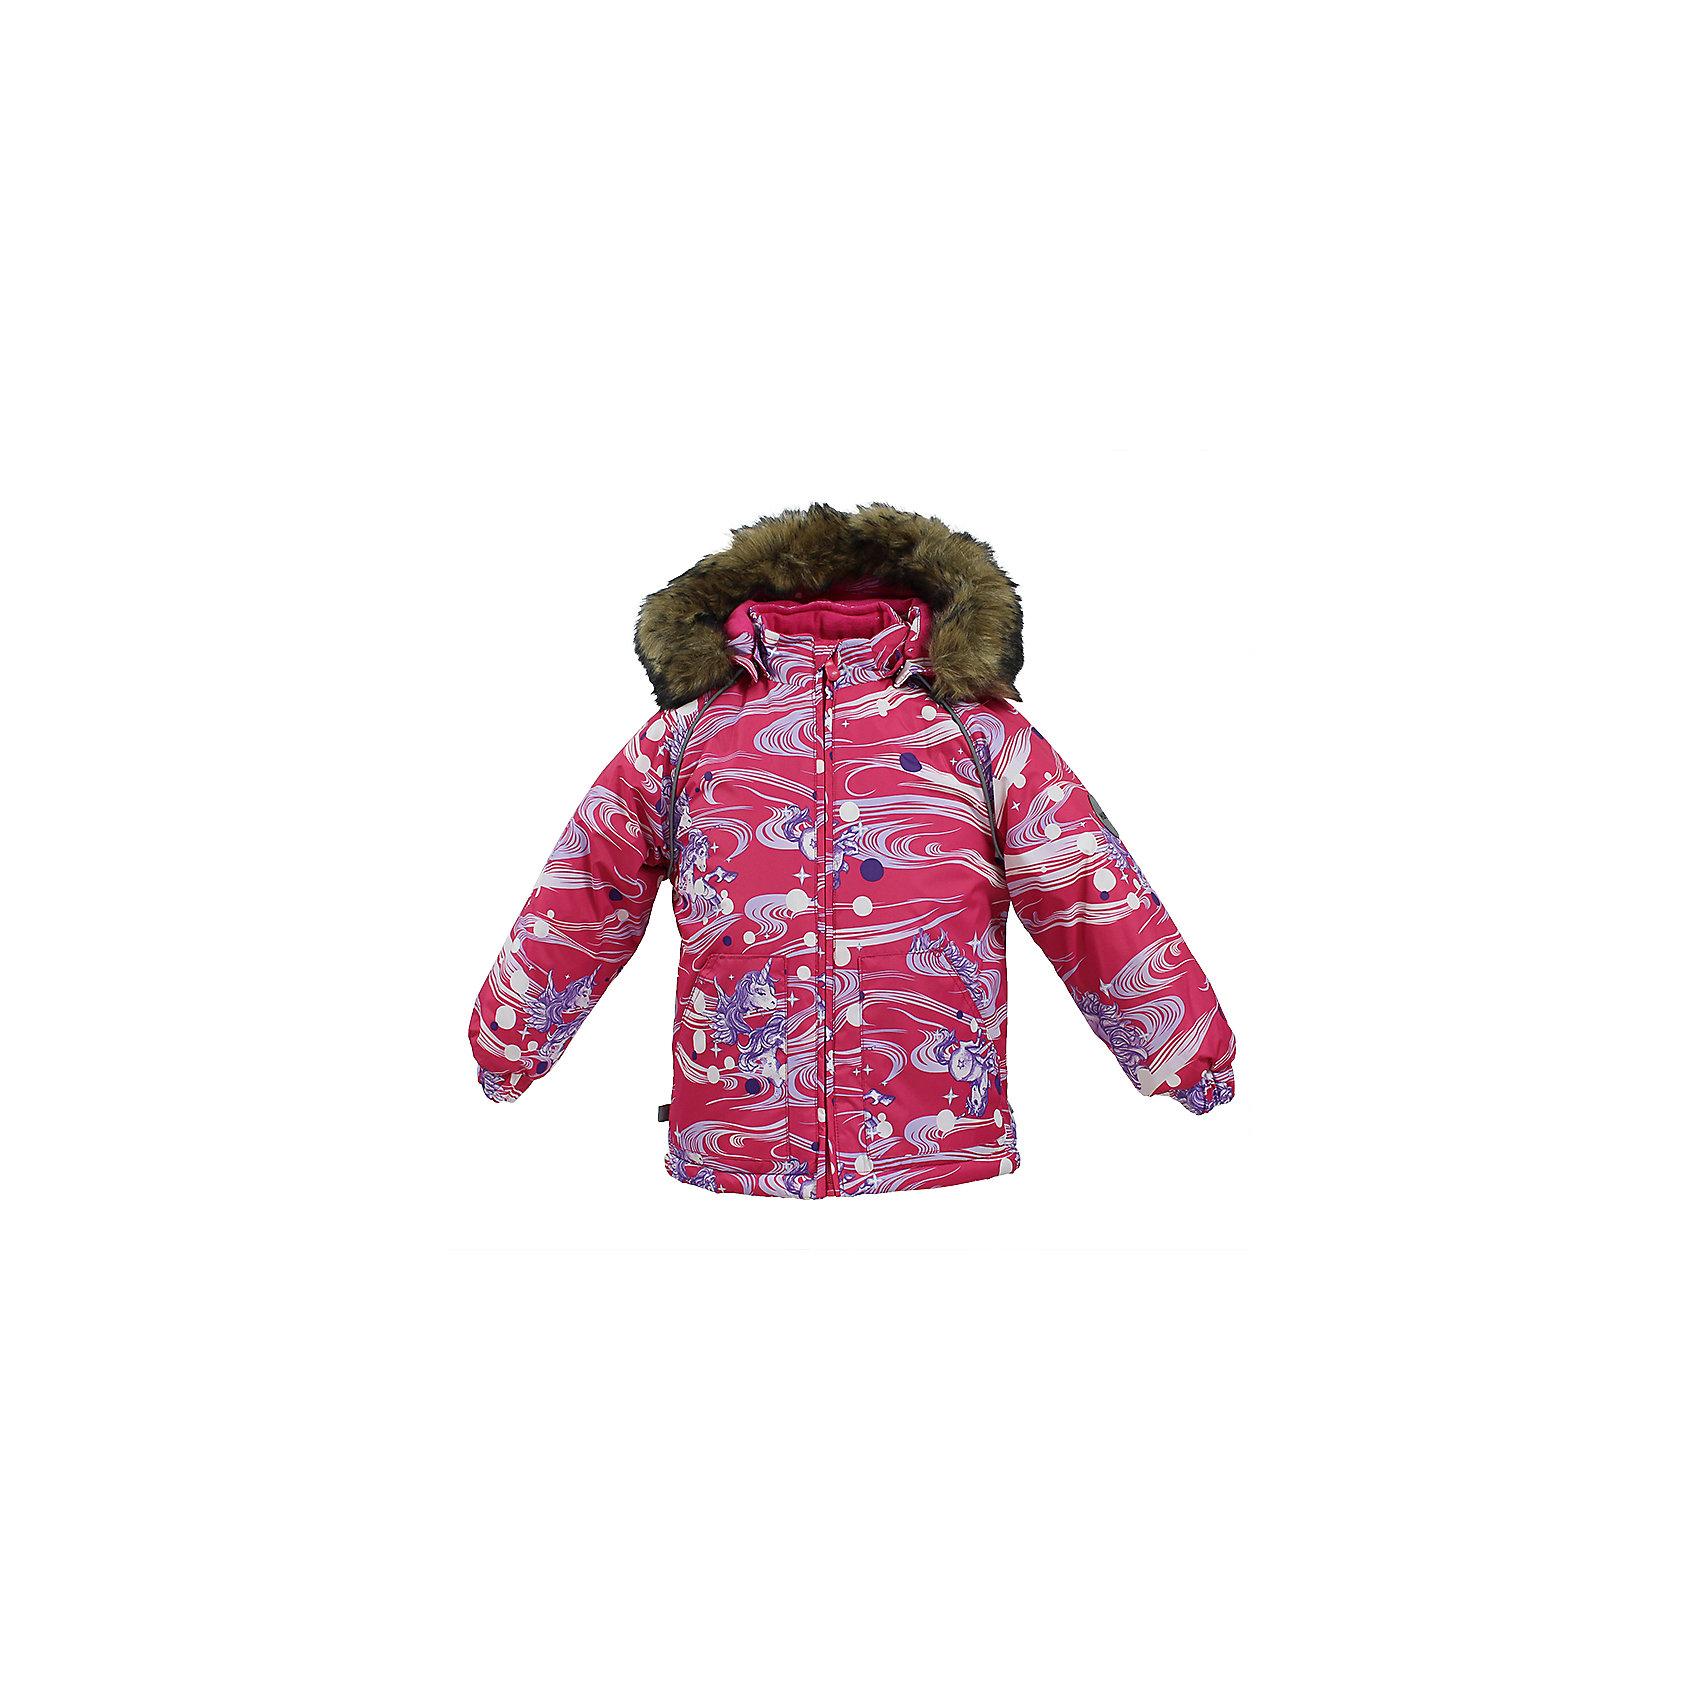 Куртка VIRGO HuppaВерхняя одежда<br>Куртка для малышей VIRGO.Водо и воздухонепроницаемость 5 000. Утеплитель 300 гр. Подкладка фланель 100% хлопок. Отстегивающийся капюшон с мехом. Манжеты рукавов на резинке. Имеются светоотражательные детали.<br>Состав:<br>100% Полиэстер<br><br>Ширина мм: 356<br>Глубина мм: 10<br>Высота мм: 245<br>Вес г: 519<br>Цвет: фуксия<br>Возраст от месяцев: 36<br>Возраст до месяцев: 48<br>Пол: Унисекс<br>Возраст: Детский<br>Размер: 104,80,86,92,98<br>SKU: 7027204